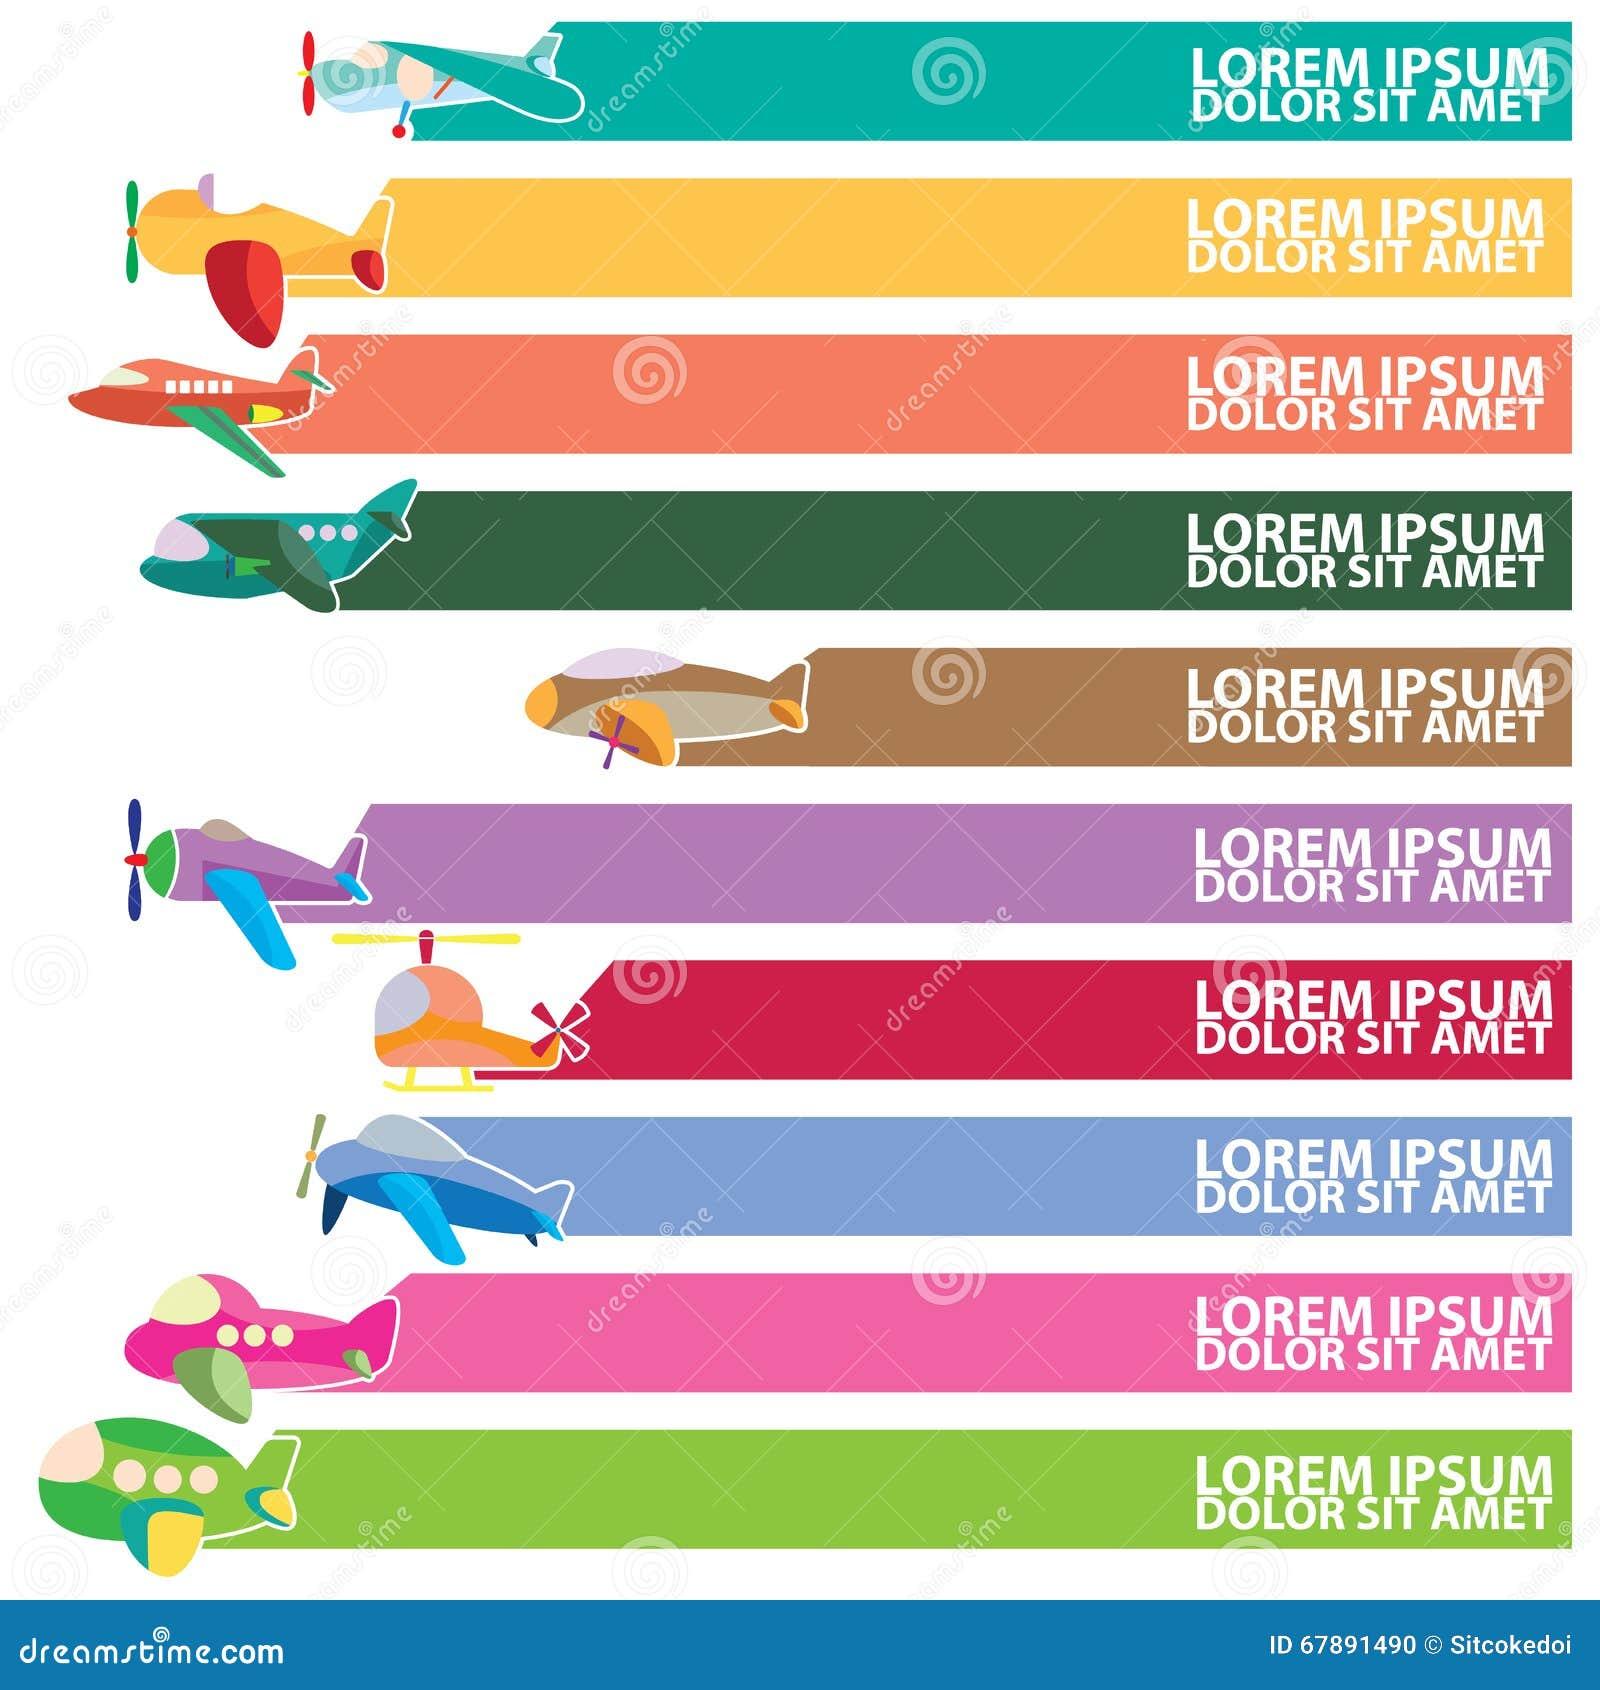 逗人喜爱的飞机象和颜色条纹为增加文本